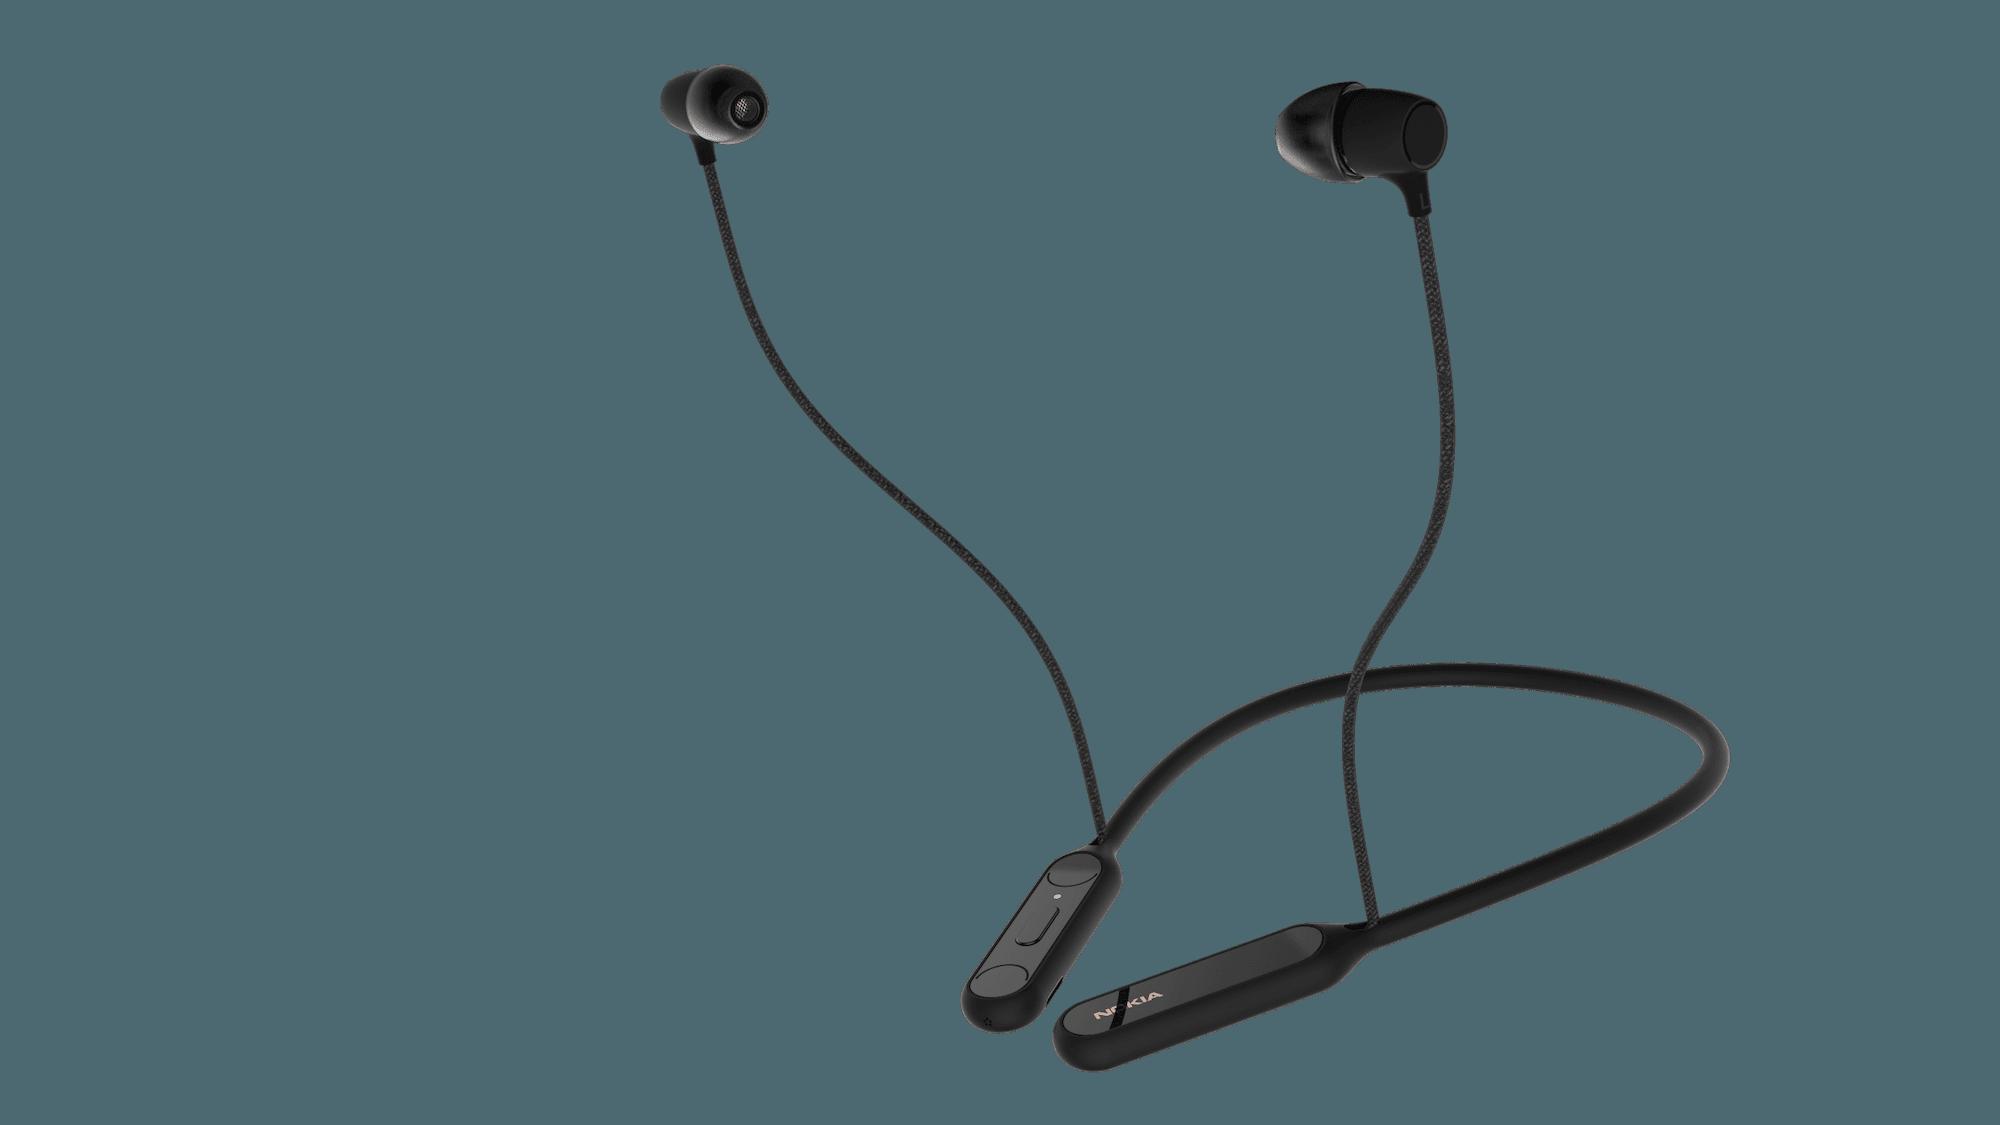 Słuchawkowe nowości od Nokii: miniaturowe True Wireless